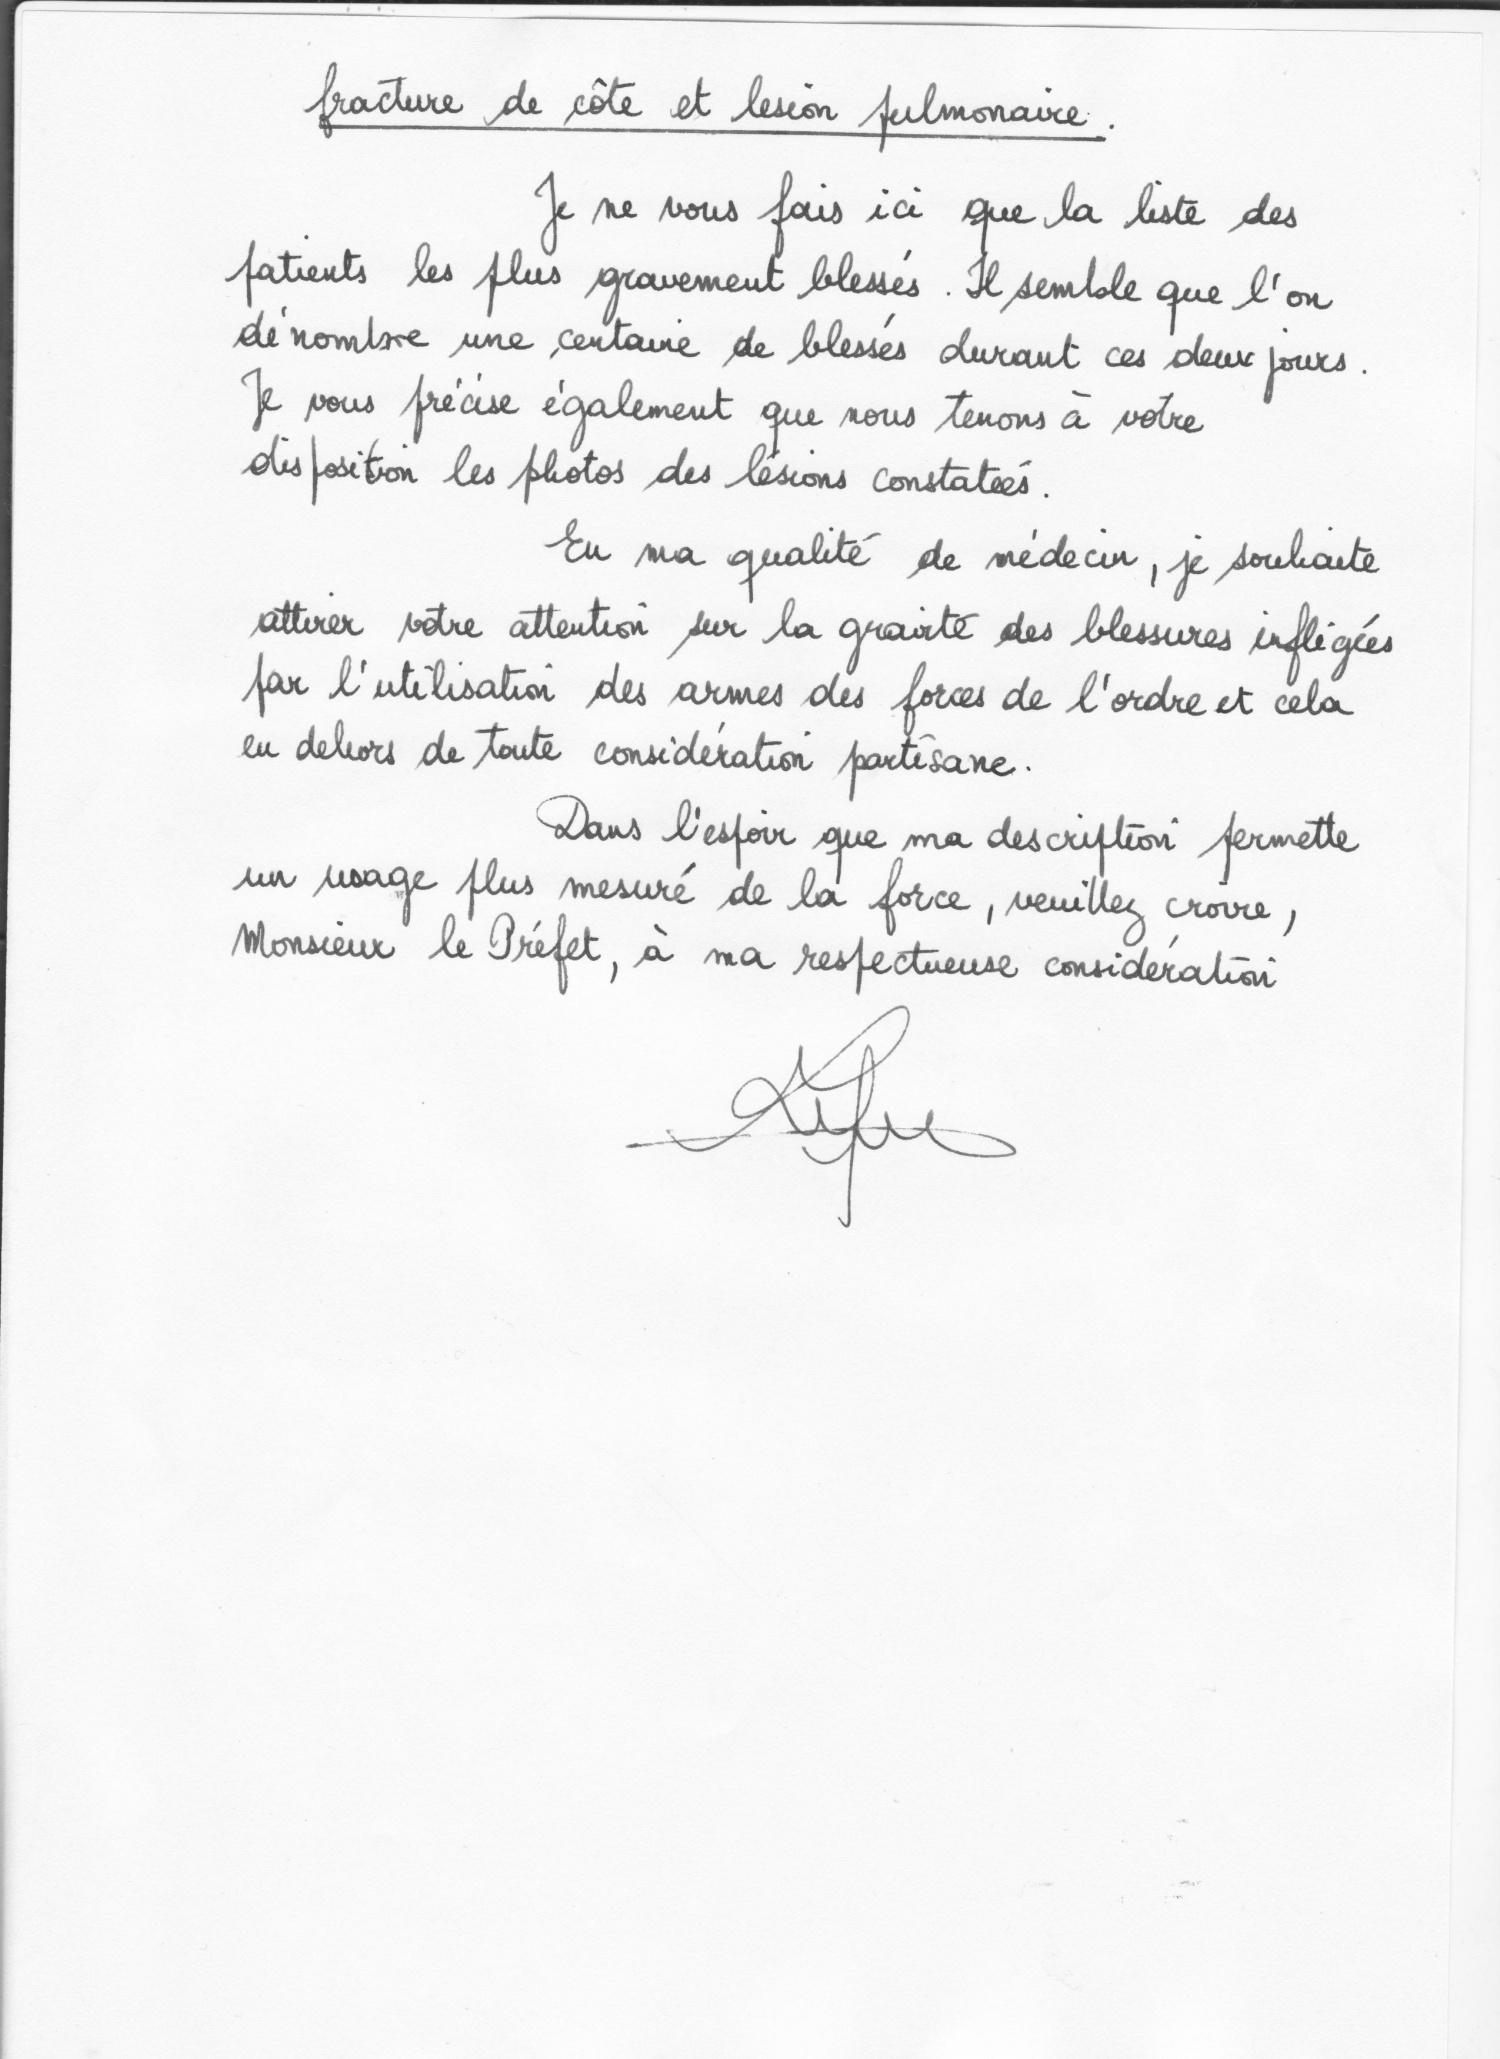 Doc Lettre De Motivation Espace Vert Debutant Sans Diplome